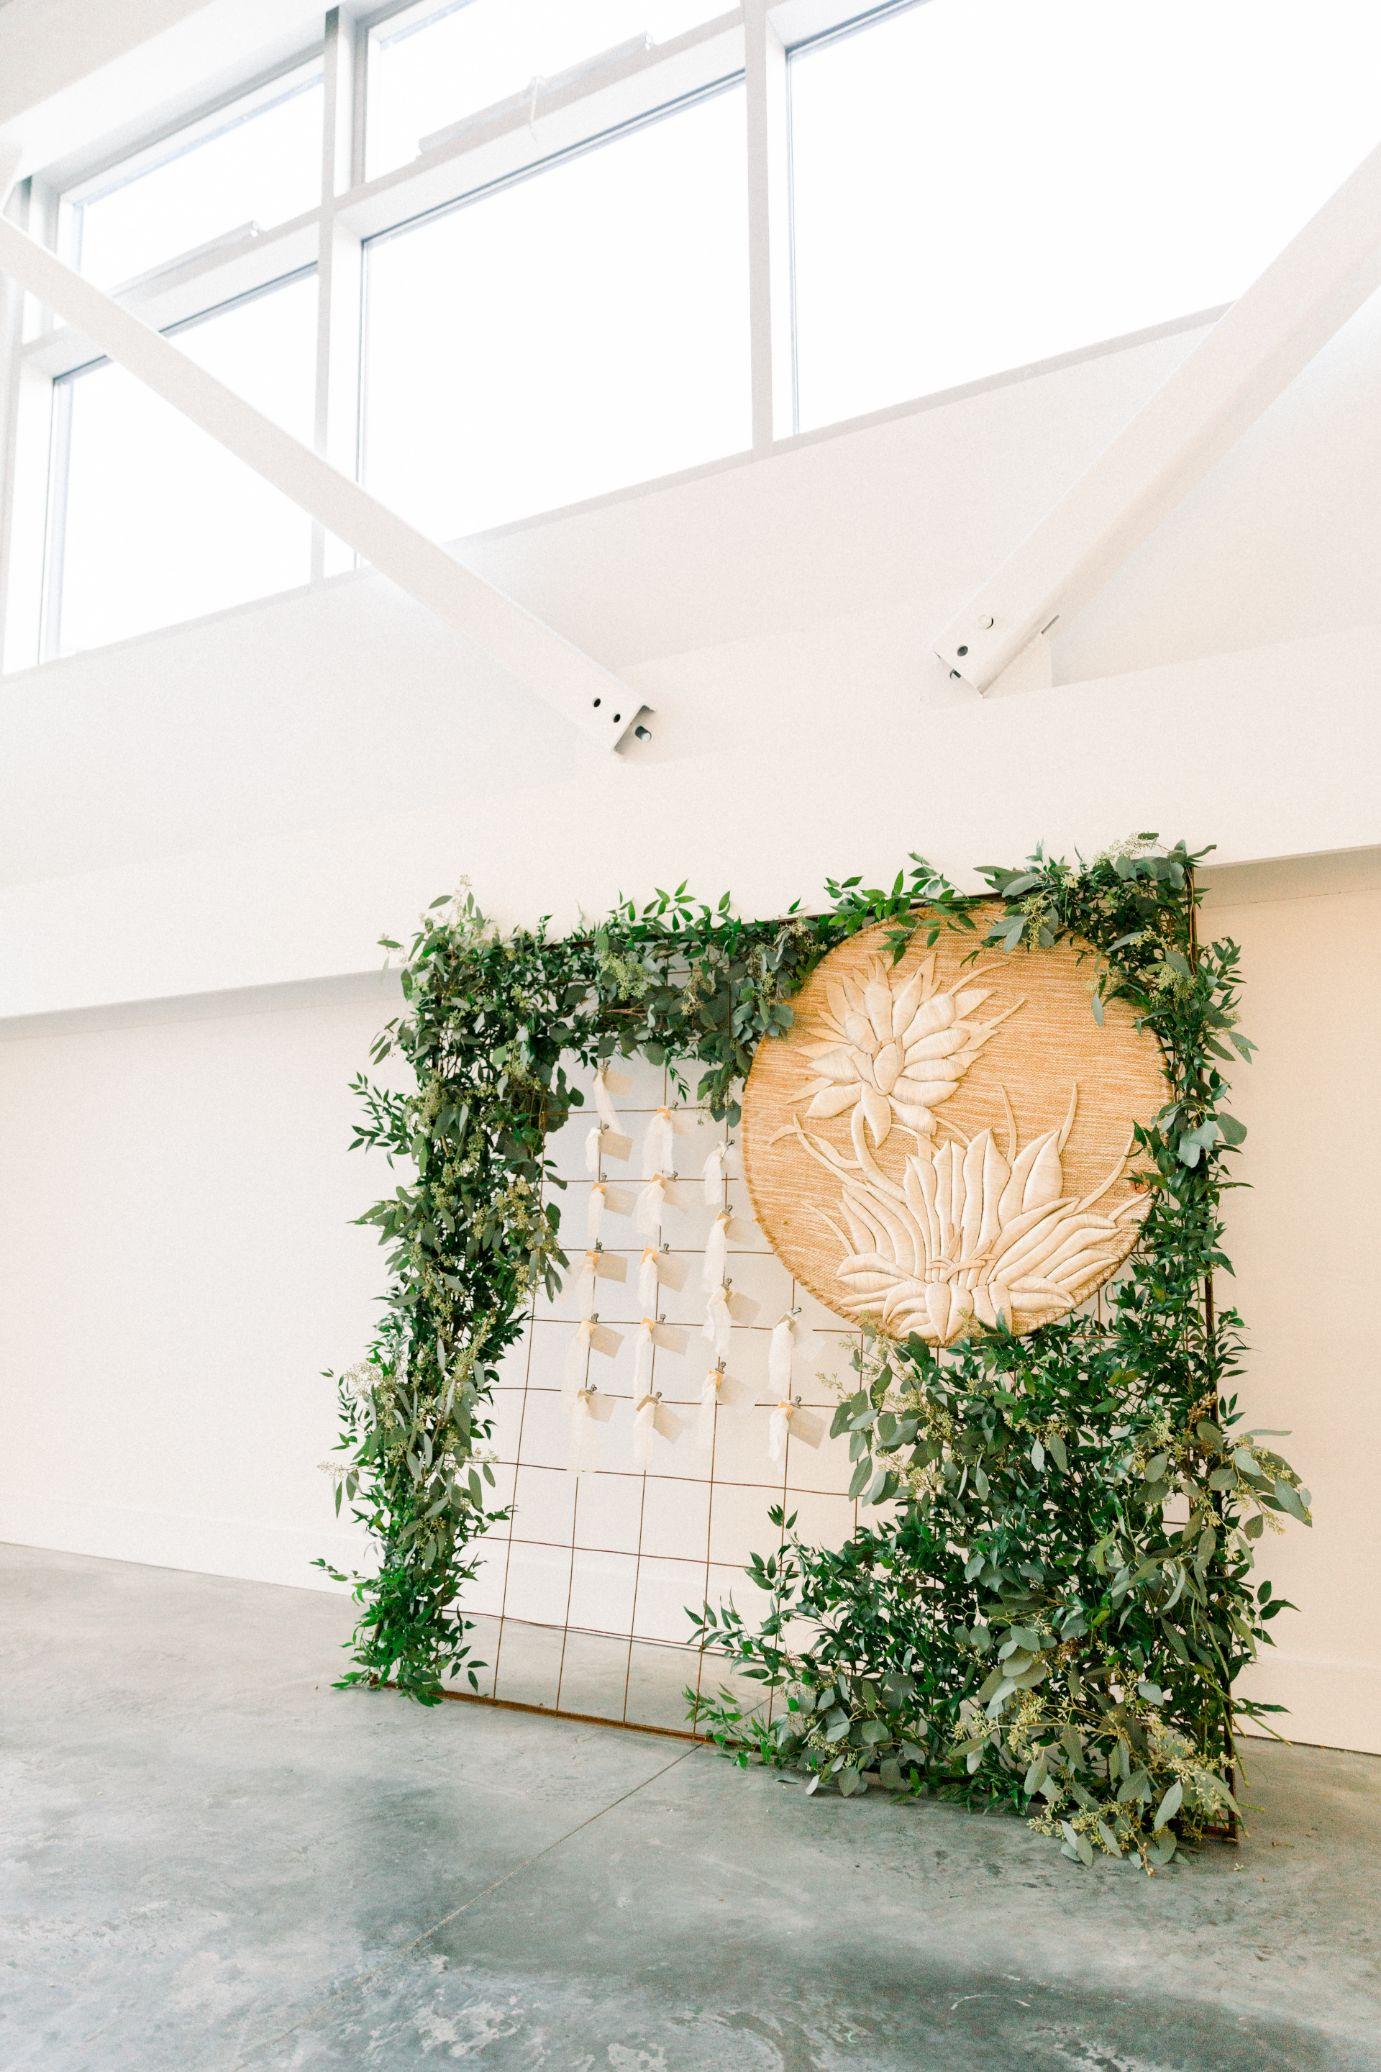 artists-for-humanity-industrial-bohemian-wedding-daylynn-designs50.jpg